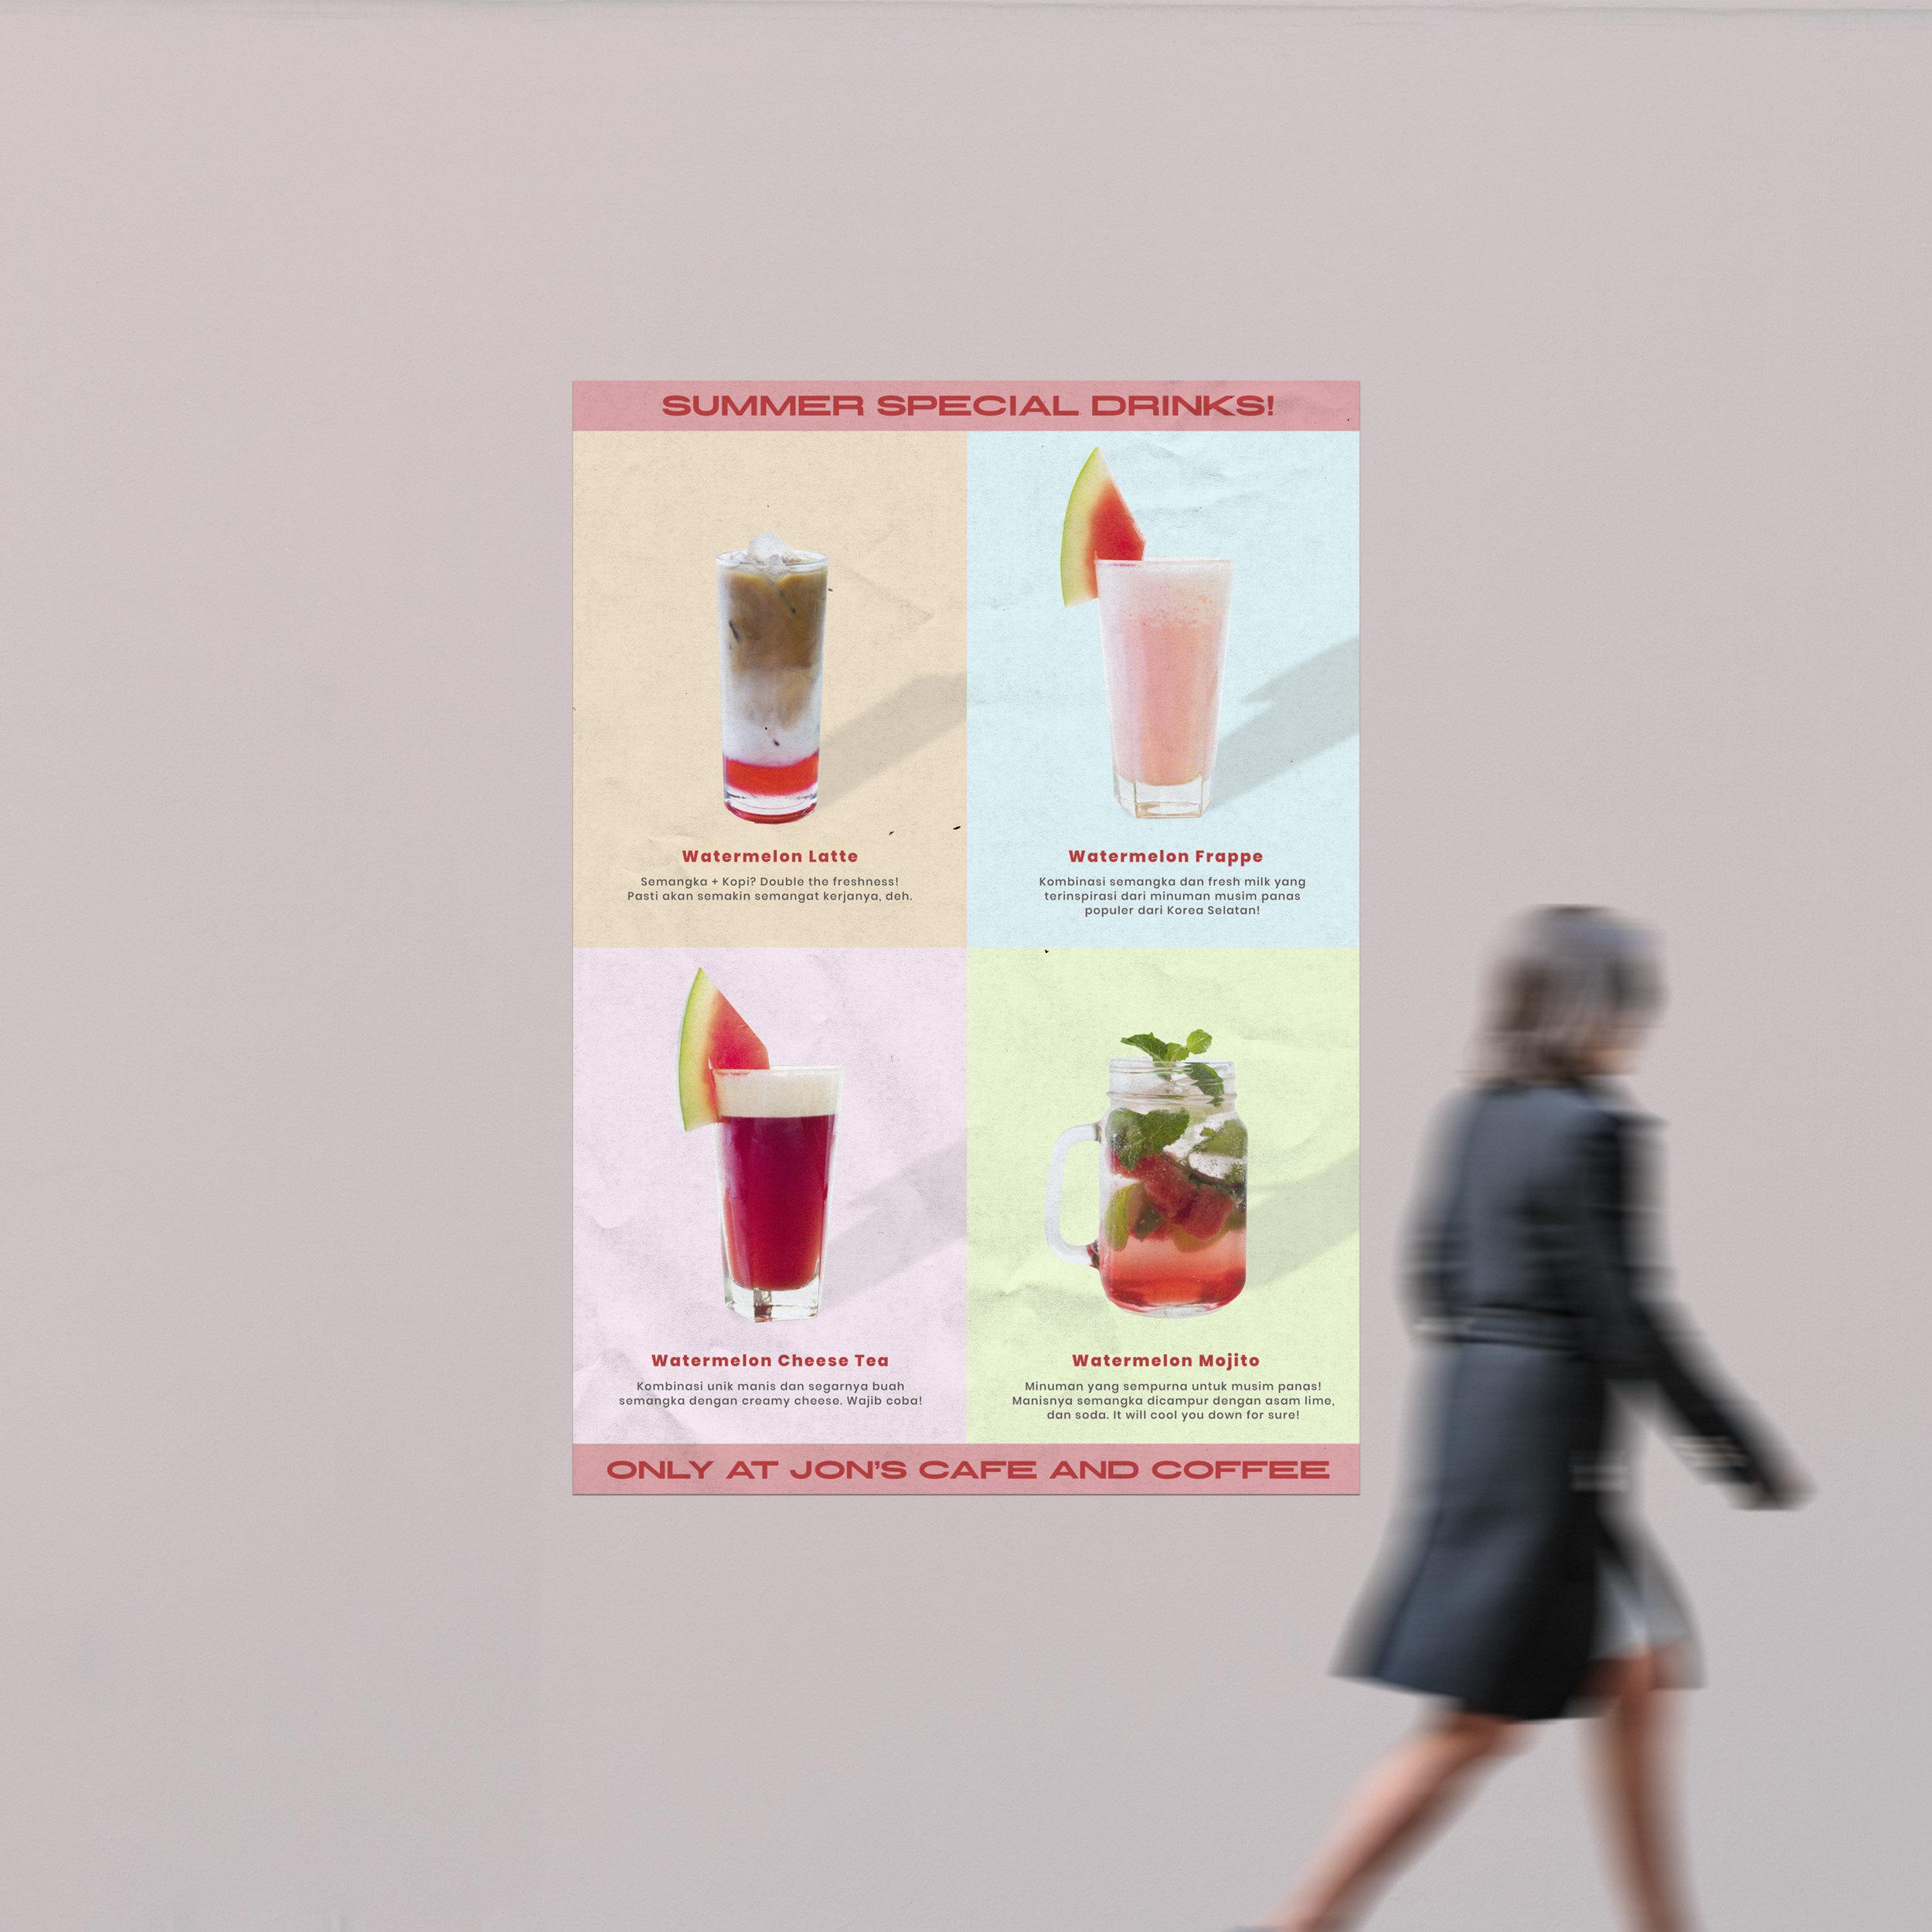 New-Menu_Summer-Special-Drinks.jpg